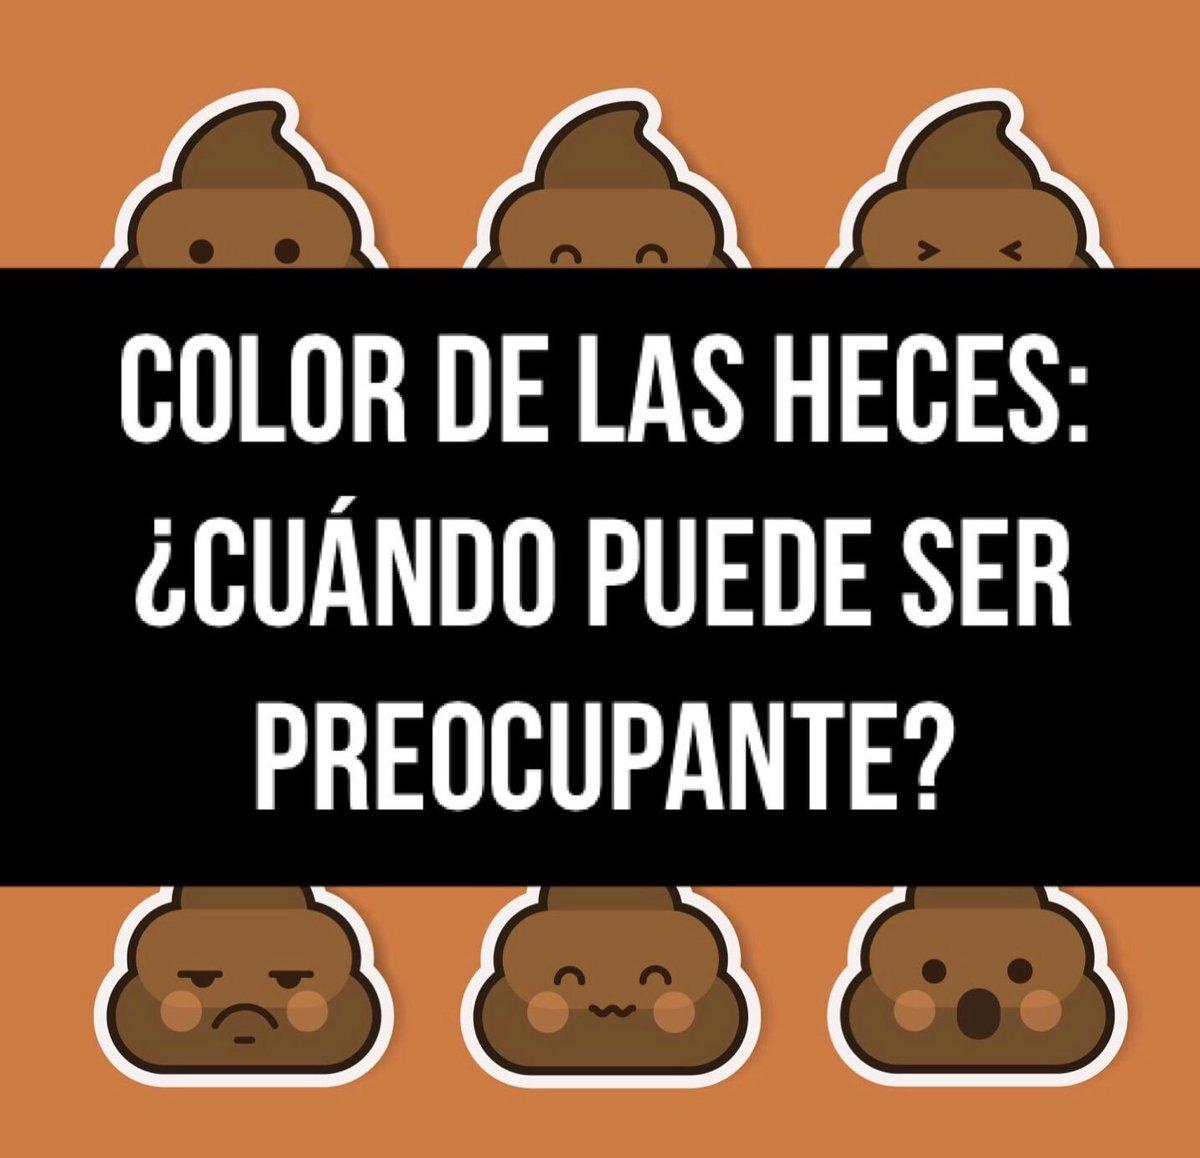 Heces color claro causas